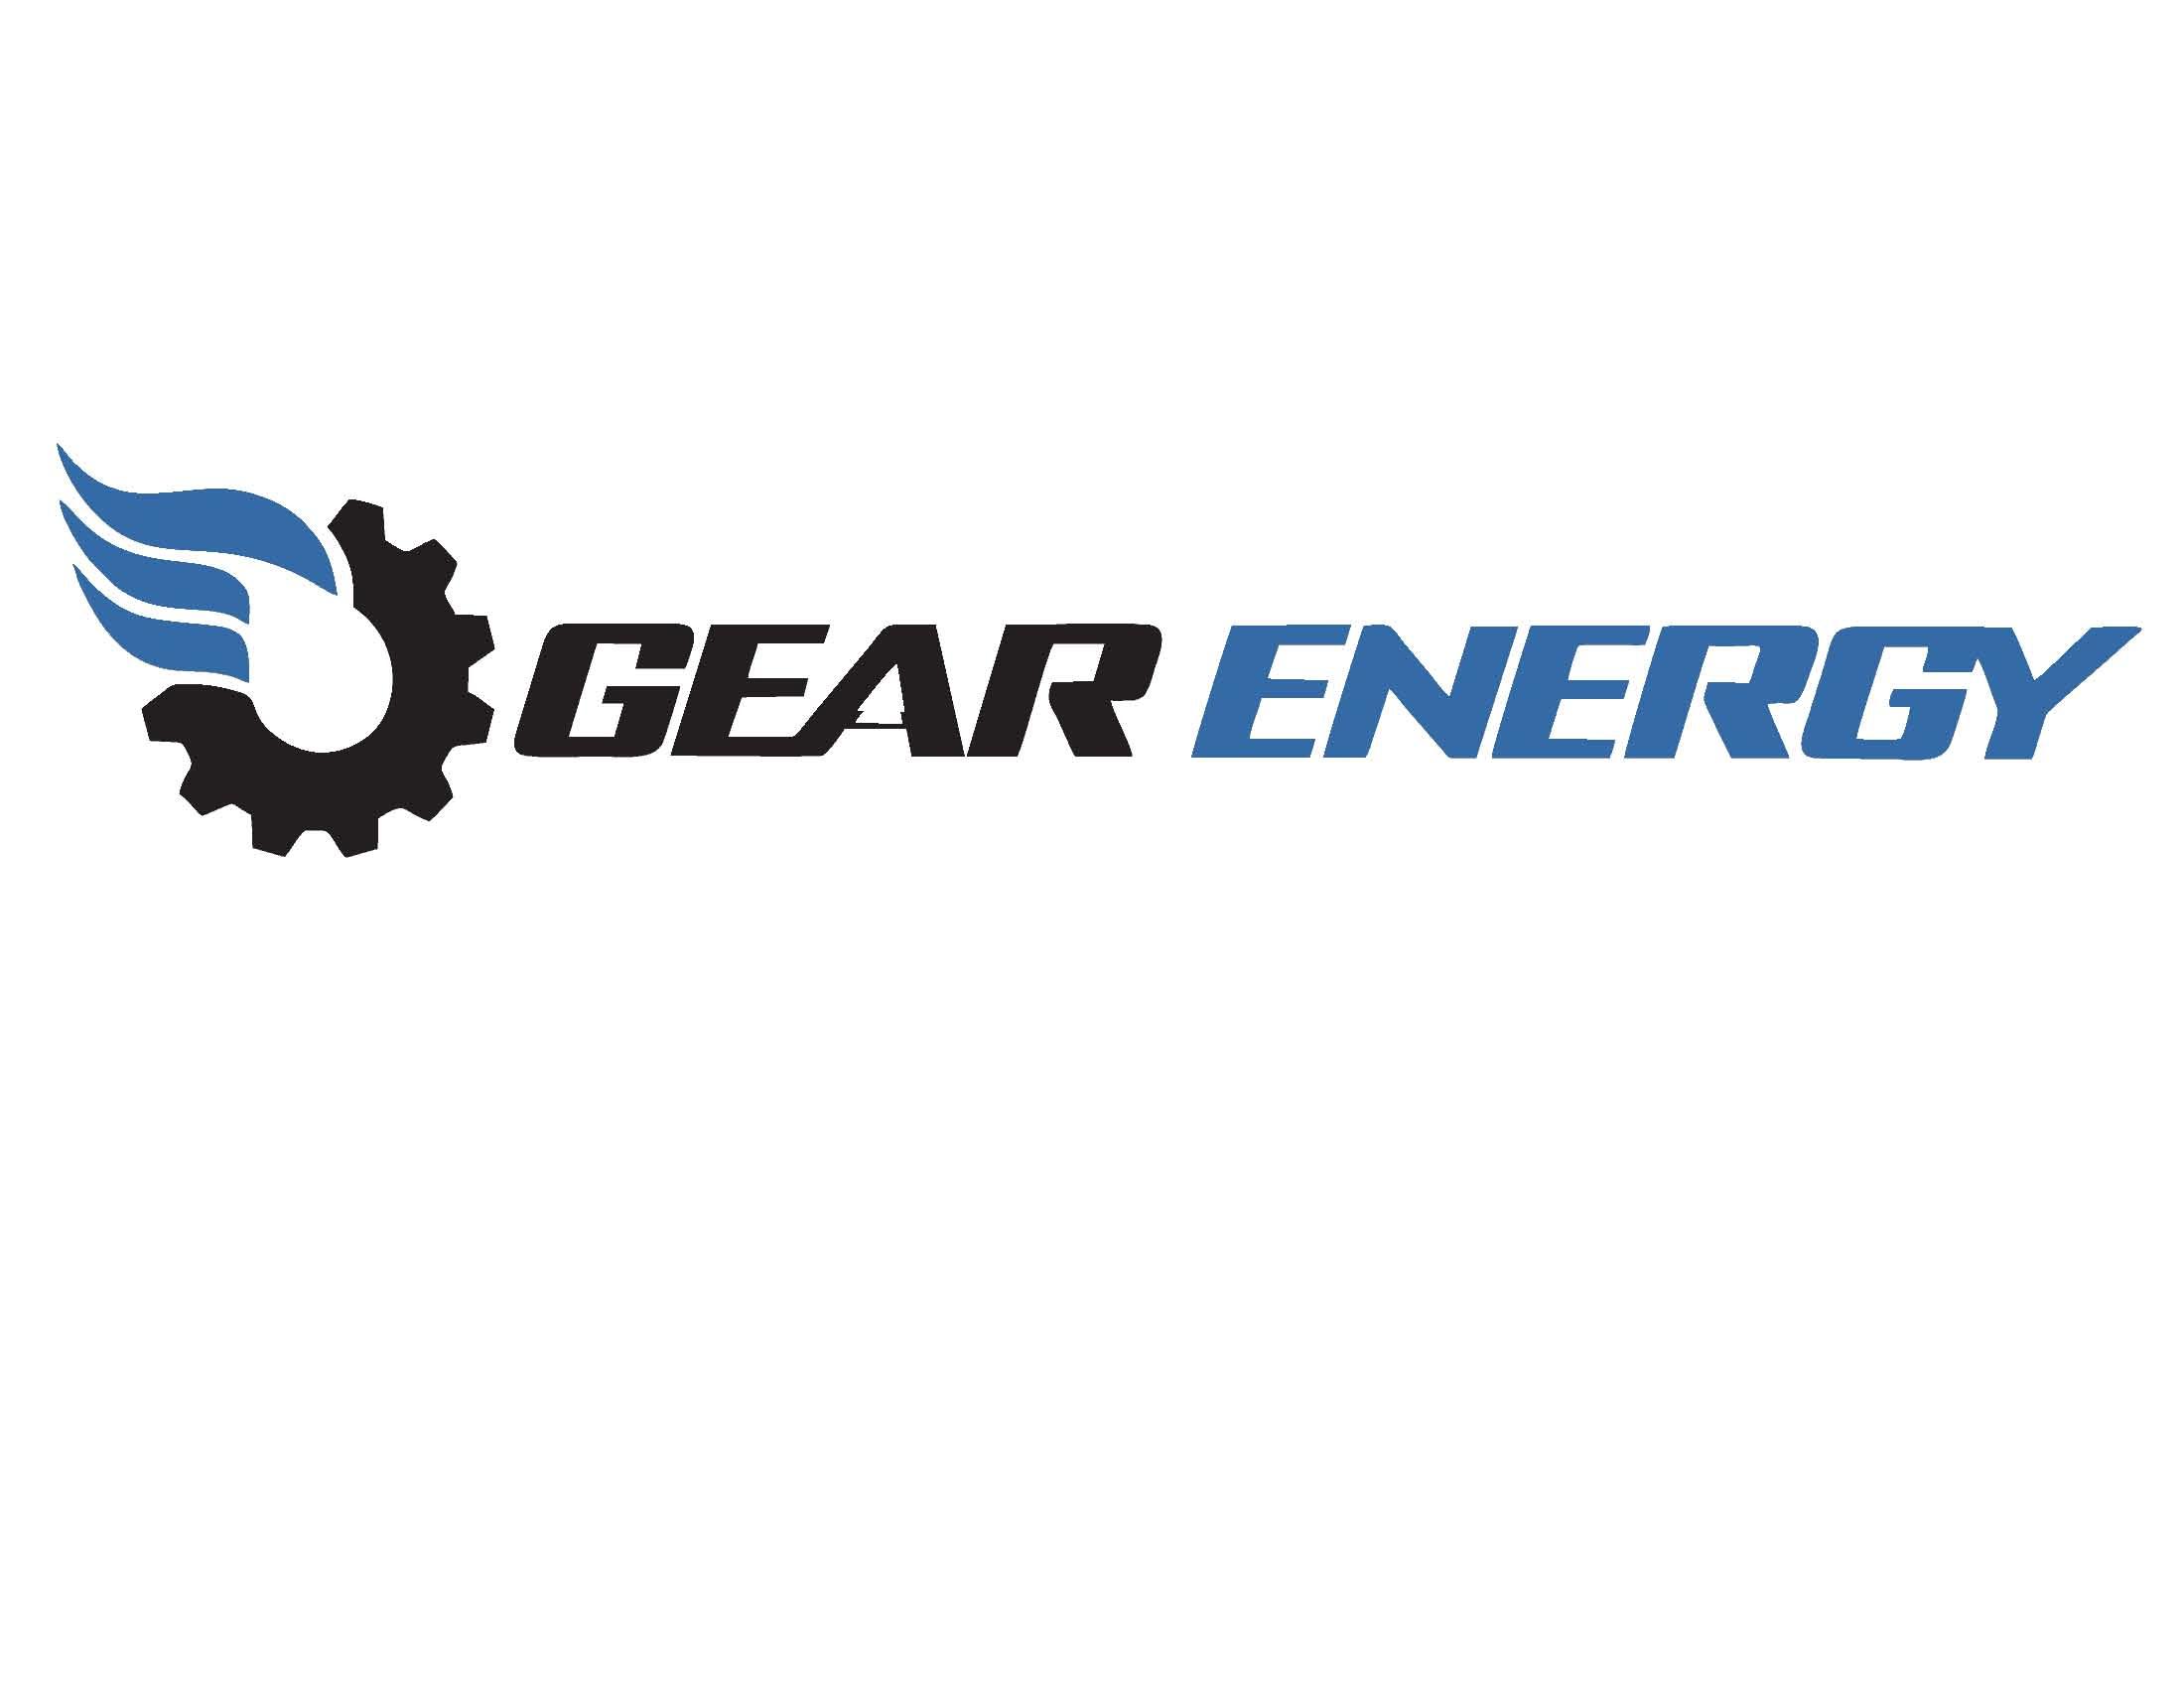 Gear Energy